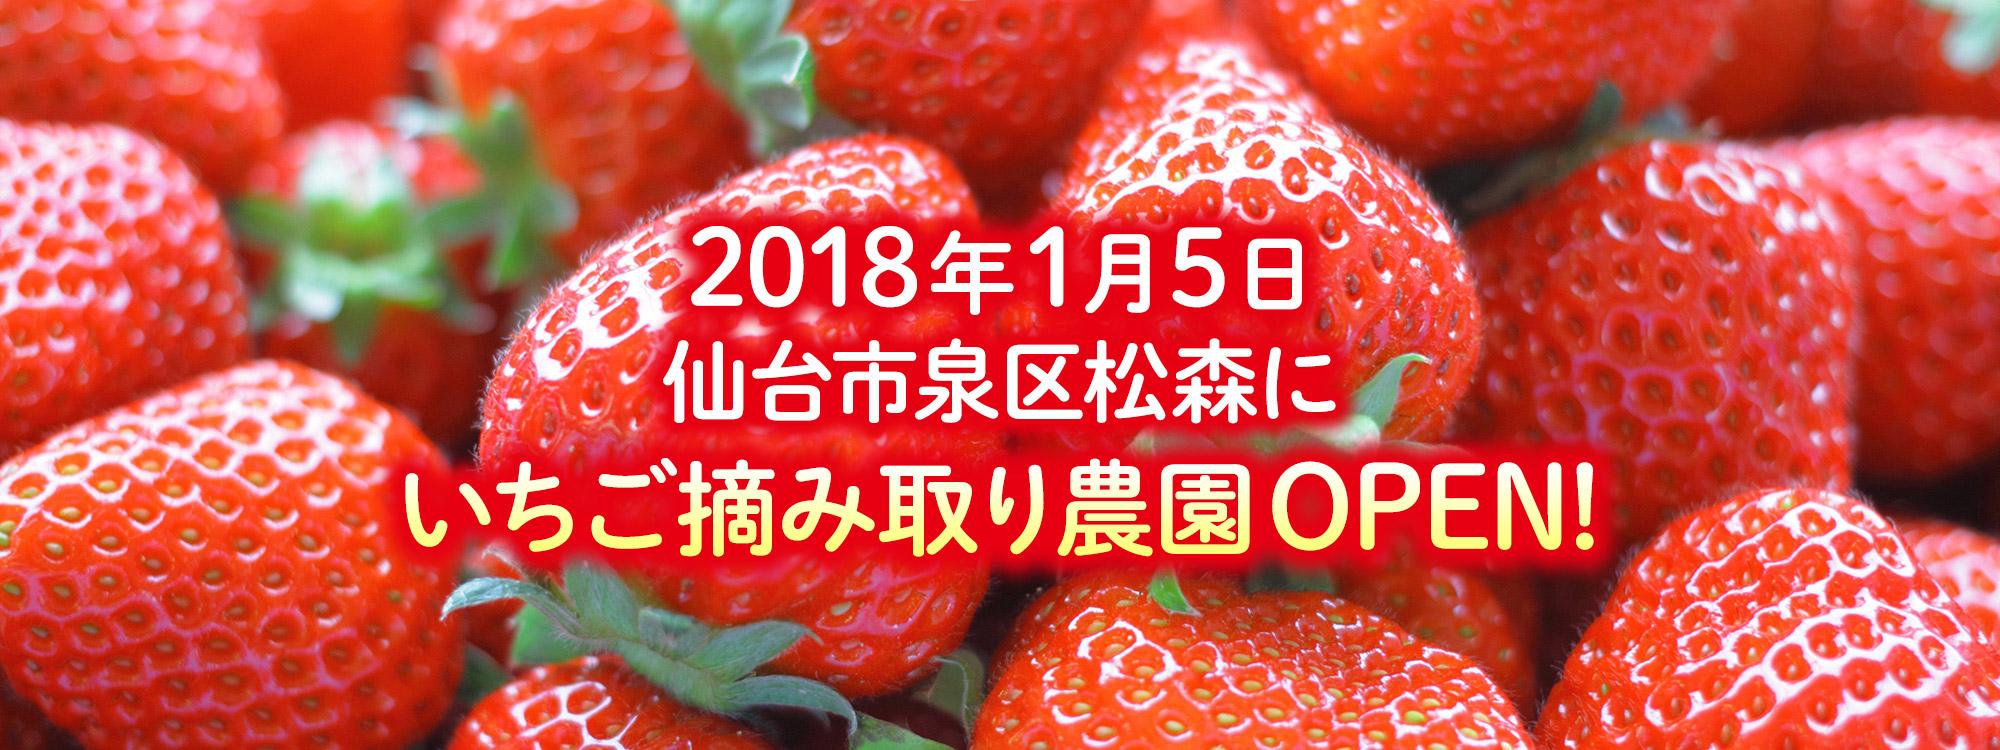 イチゴ狩り!仙台市にオープン!松森農場!